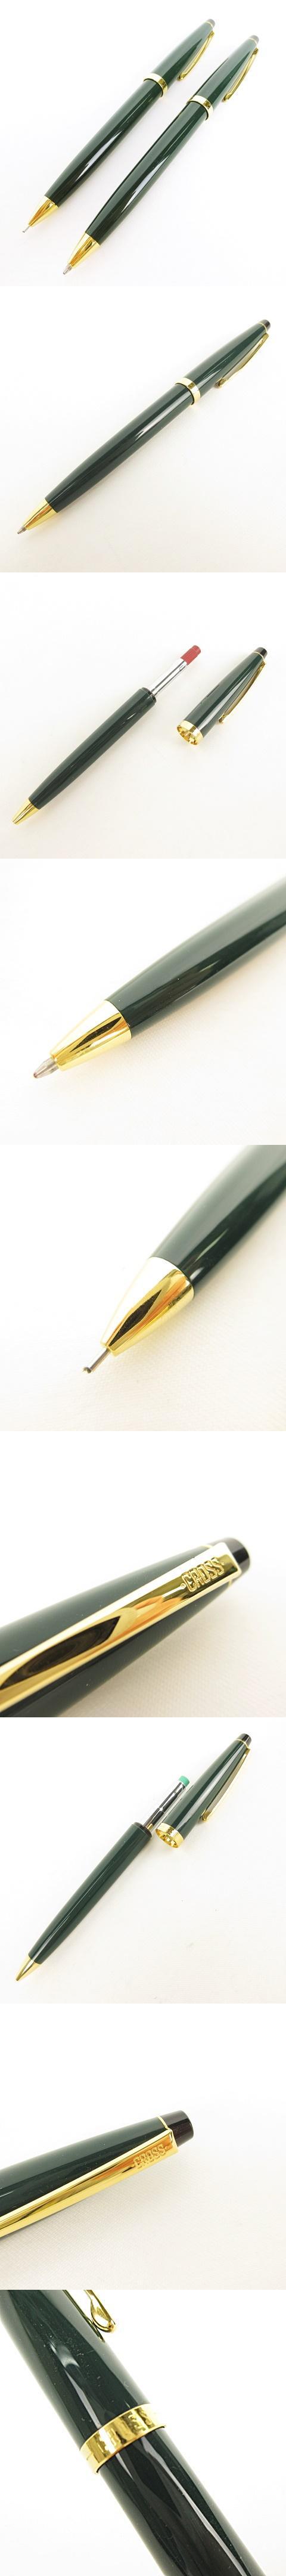 クロス CROSS ボールペン & シャープペン 2本セット 筆記用具 文房具 シャープペンシル ゴールド金具 グリーン 緑